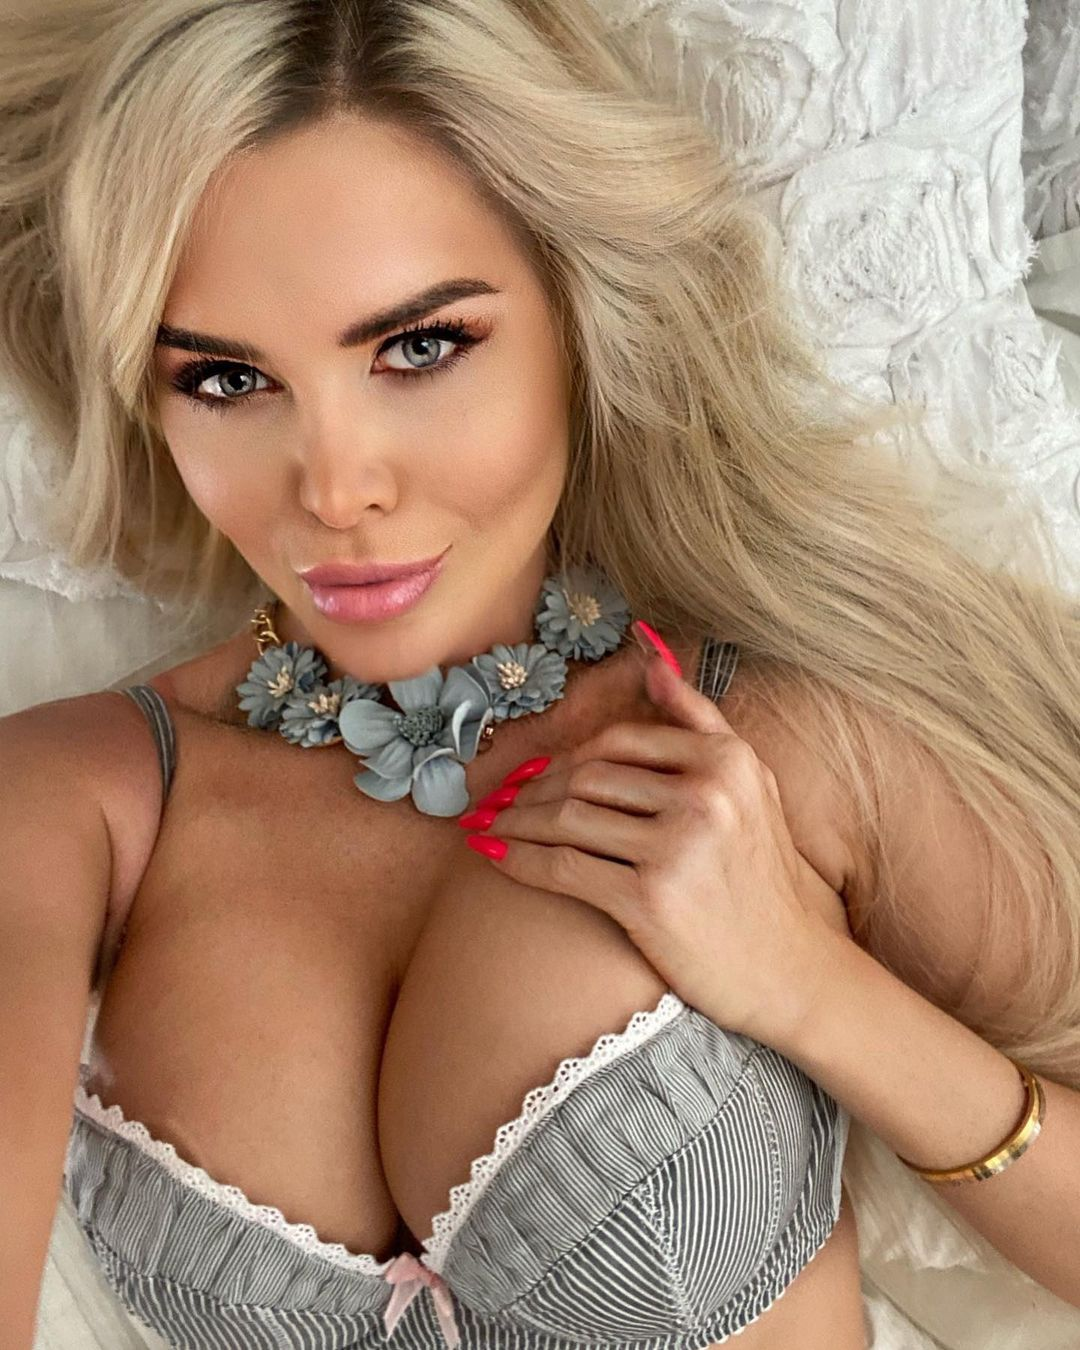 Красивые сексуальные девушки с большой грудью (18 Фото) 2